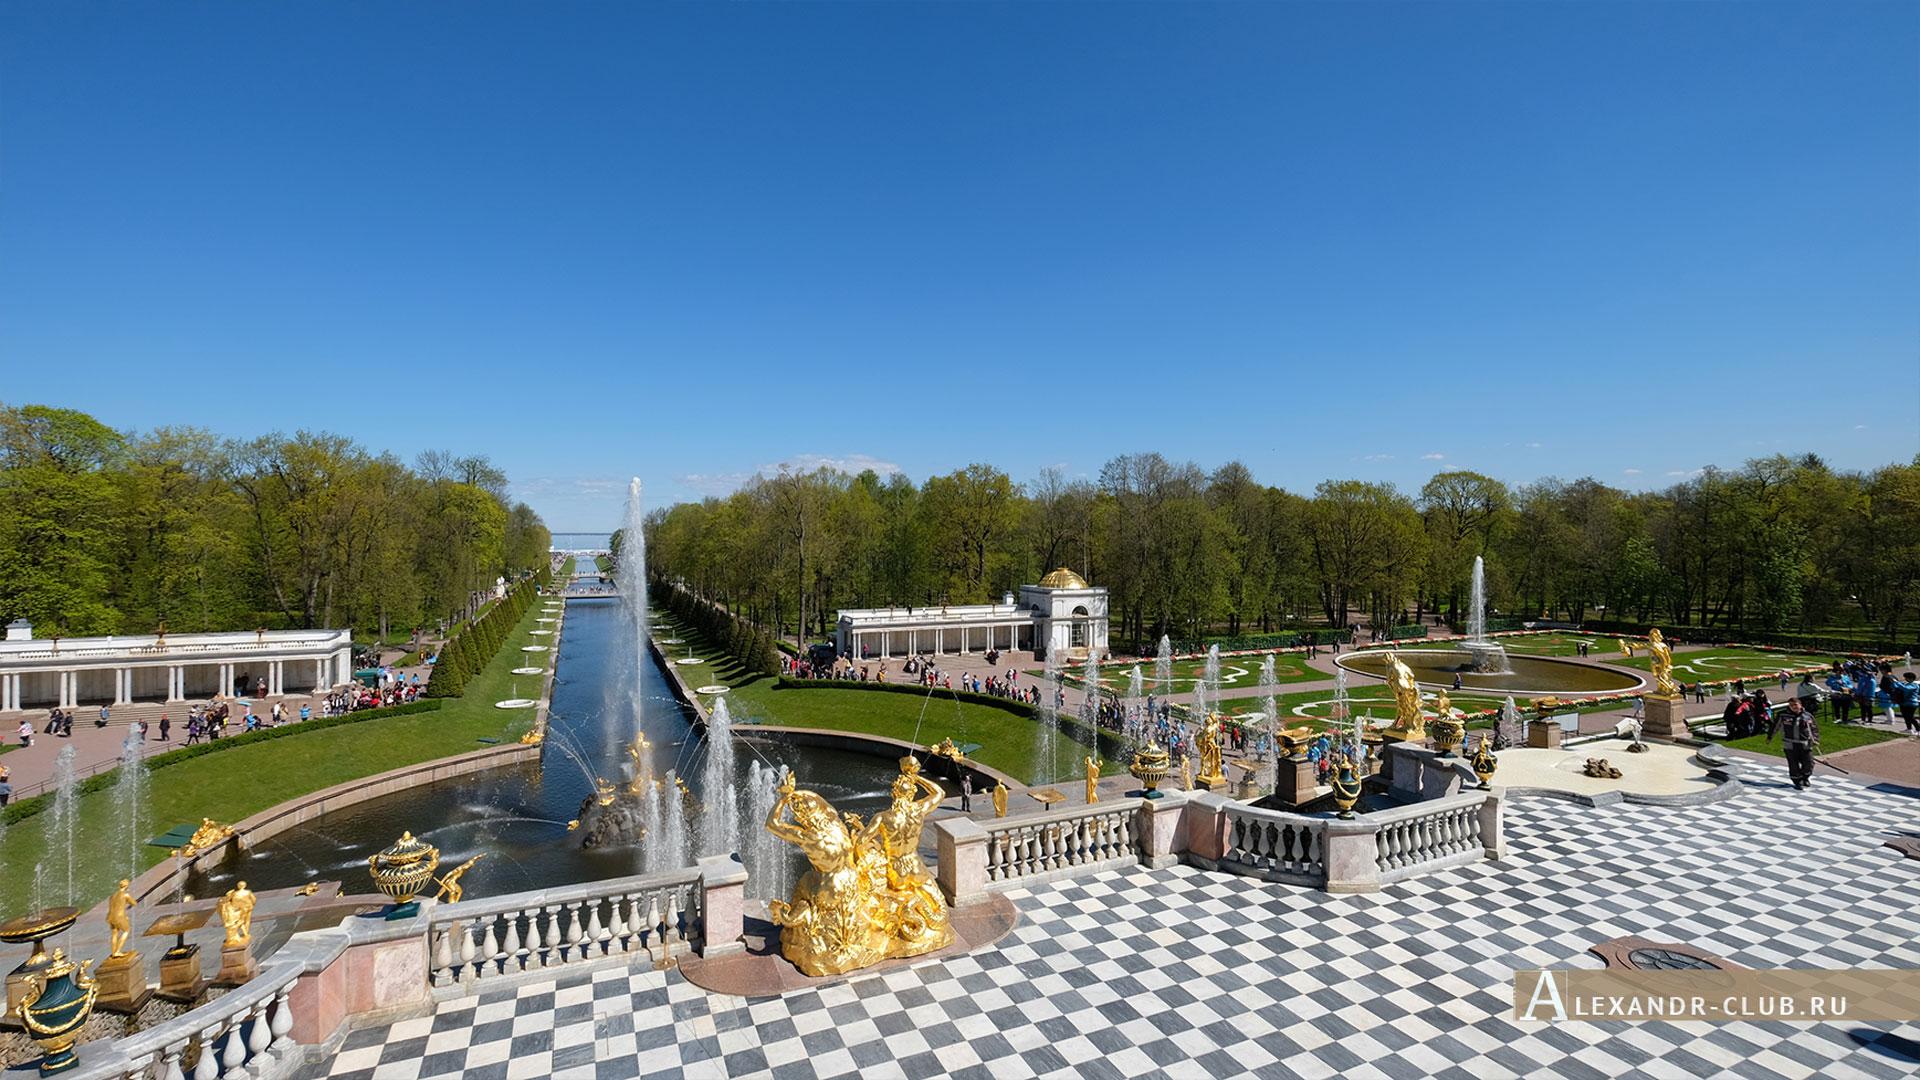 Петергоф, весна, Нижний парк, фонтан «Большой каскад»